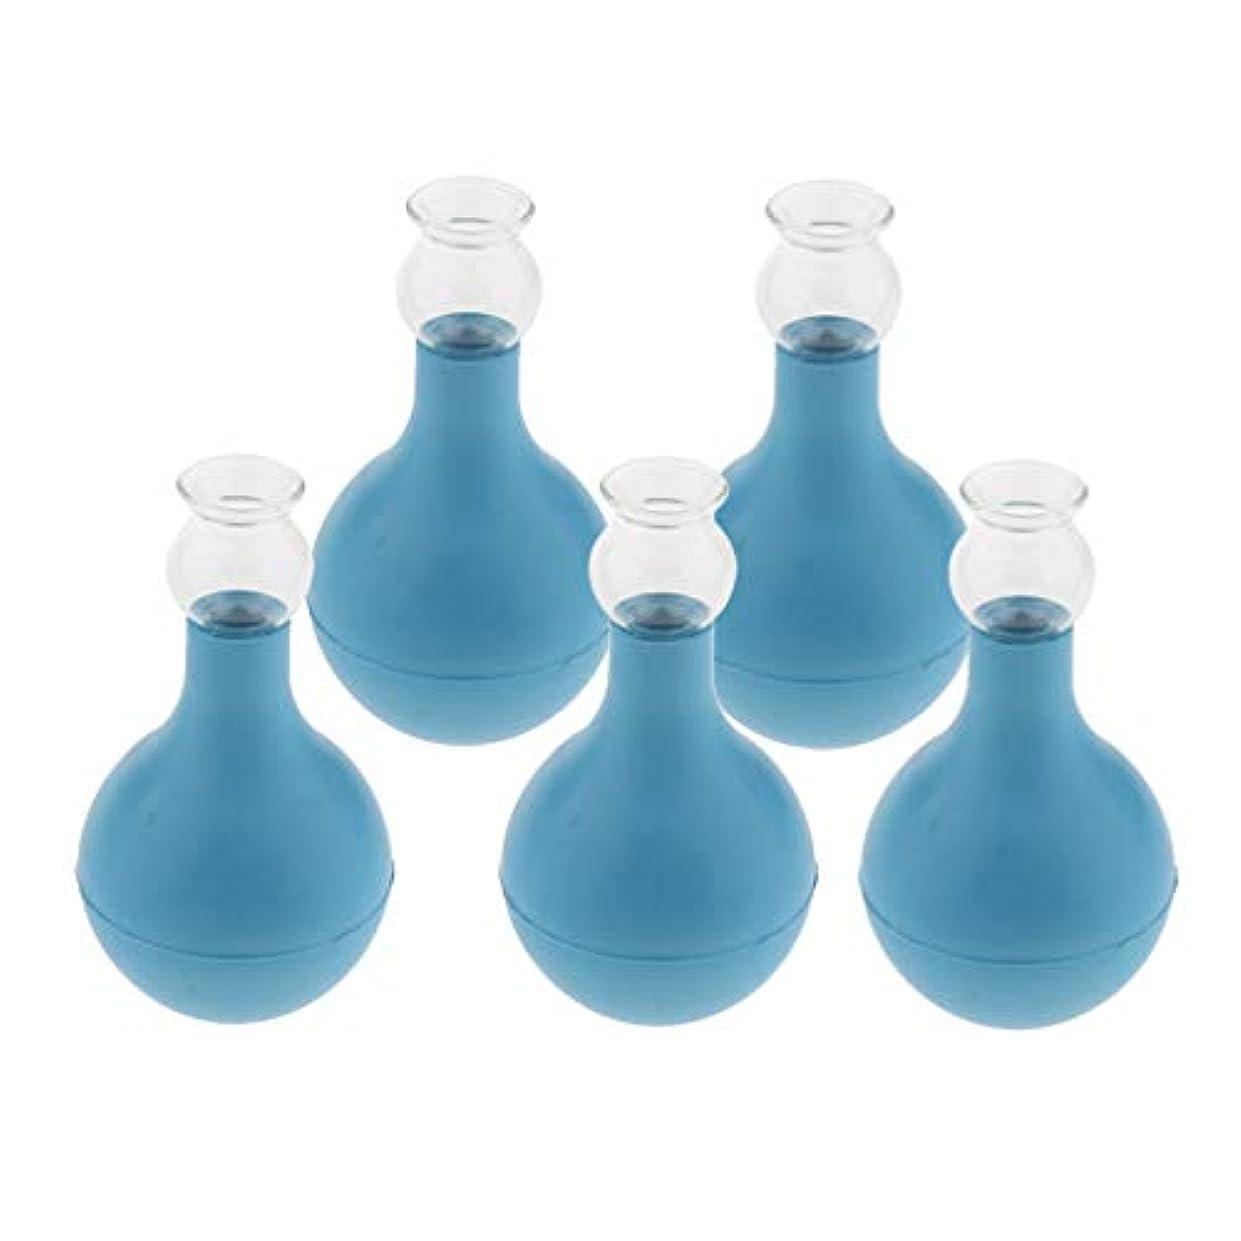 苦痛宣言する割合マッサージ 吸い玉 カッピング 5個 シリコン ガラス 顔 首 背中 胸 脚 全身用 2サイズ選ぶ - ブルー+ブルー2cm, 2cm